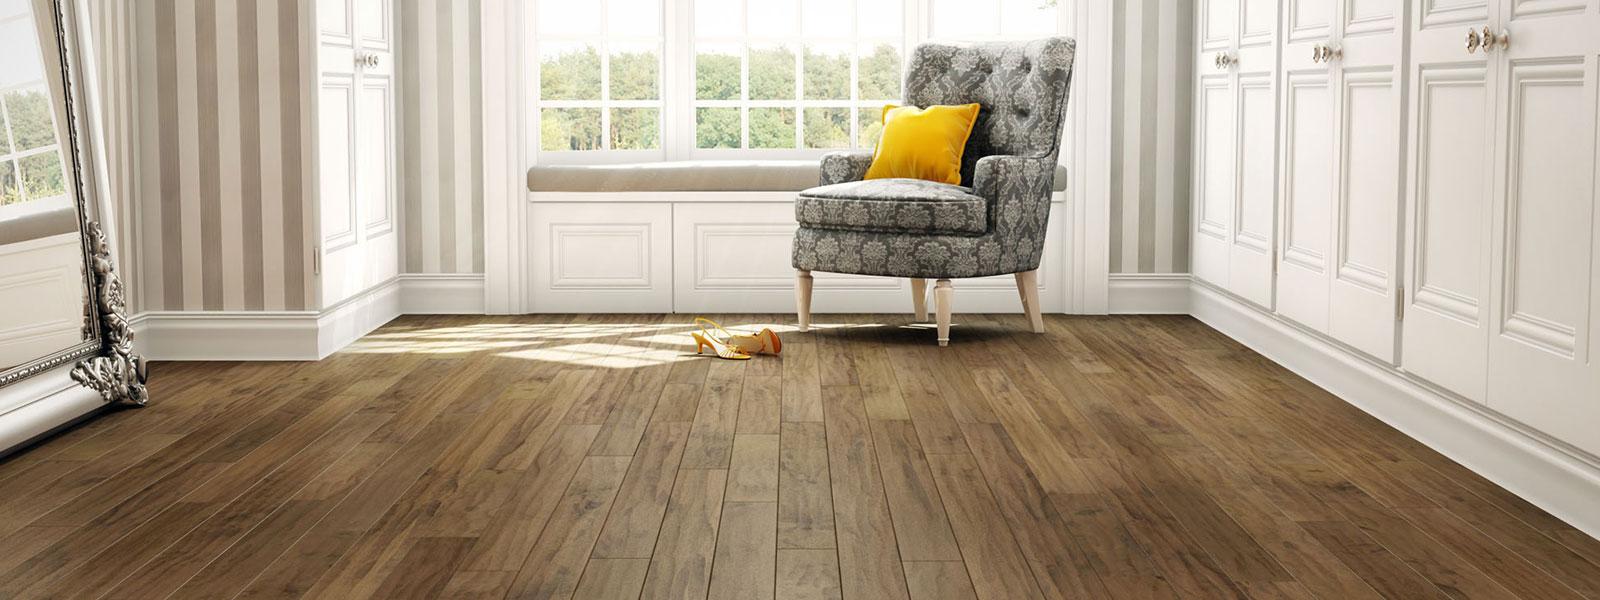 C mo limpiar el piso de madera de mi nuevo departamento for Como dejar el parquet como nuevo